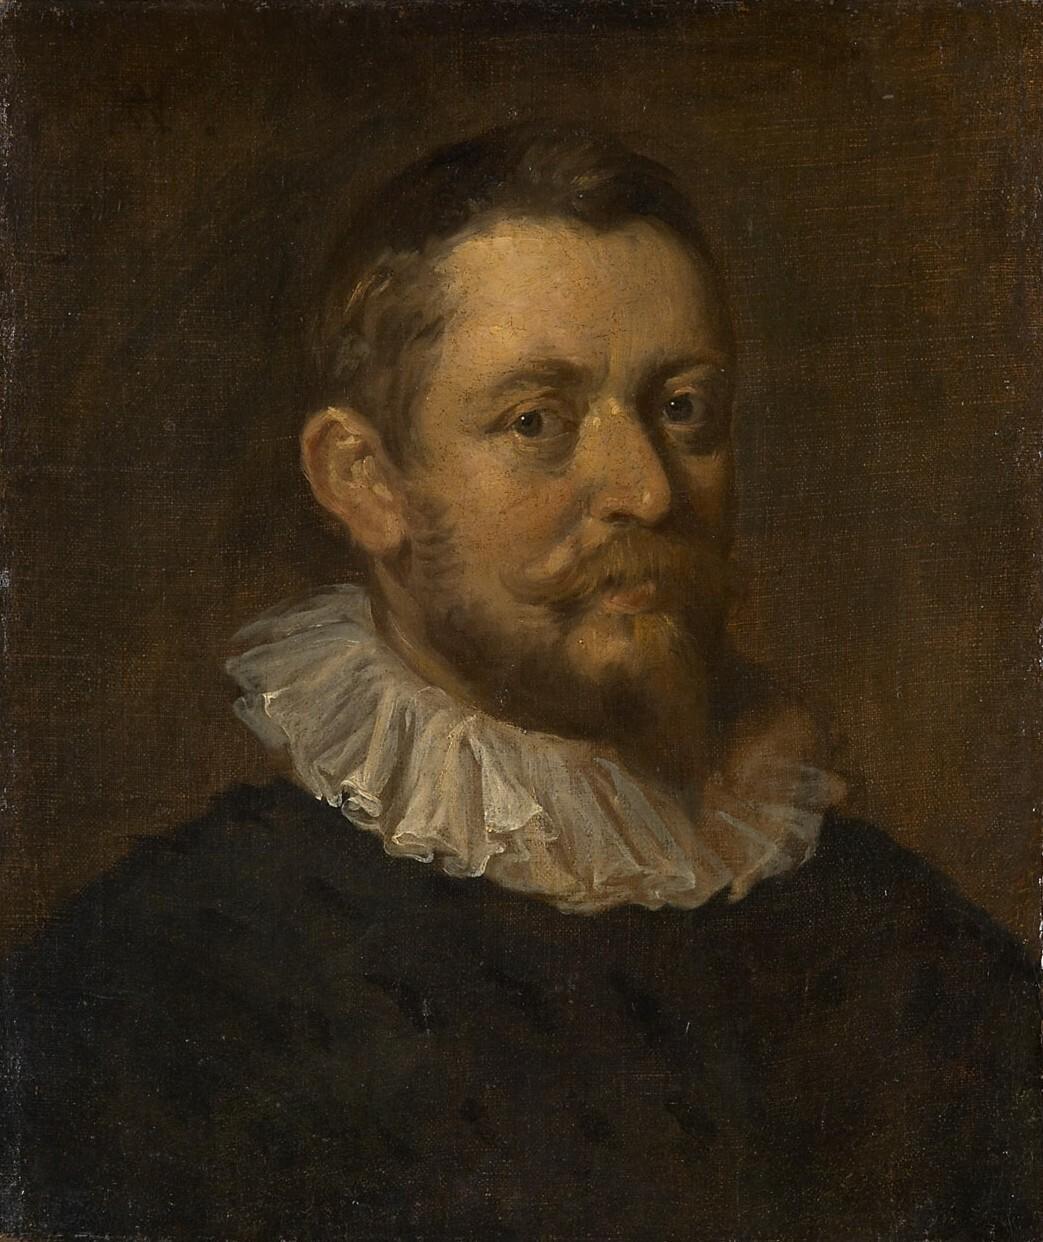 Der Maler Gaspar Rem (1542-1615/17) von Hans von Aachen